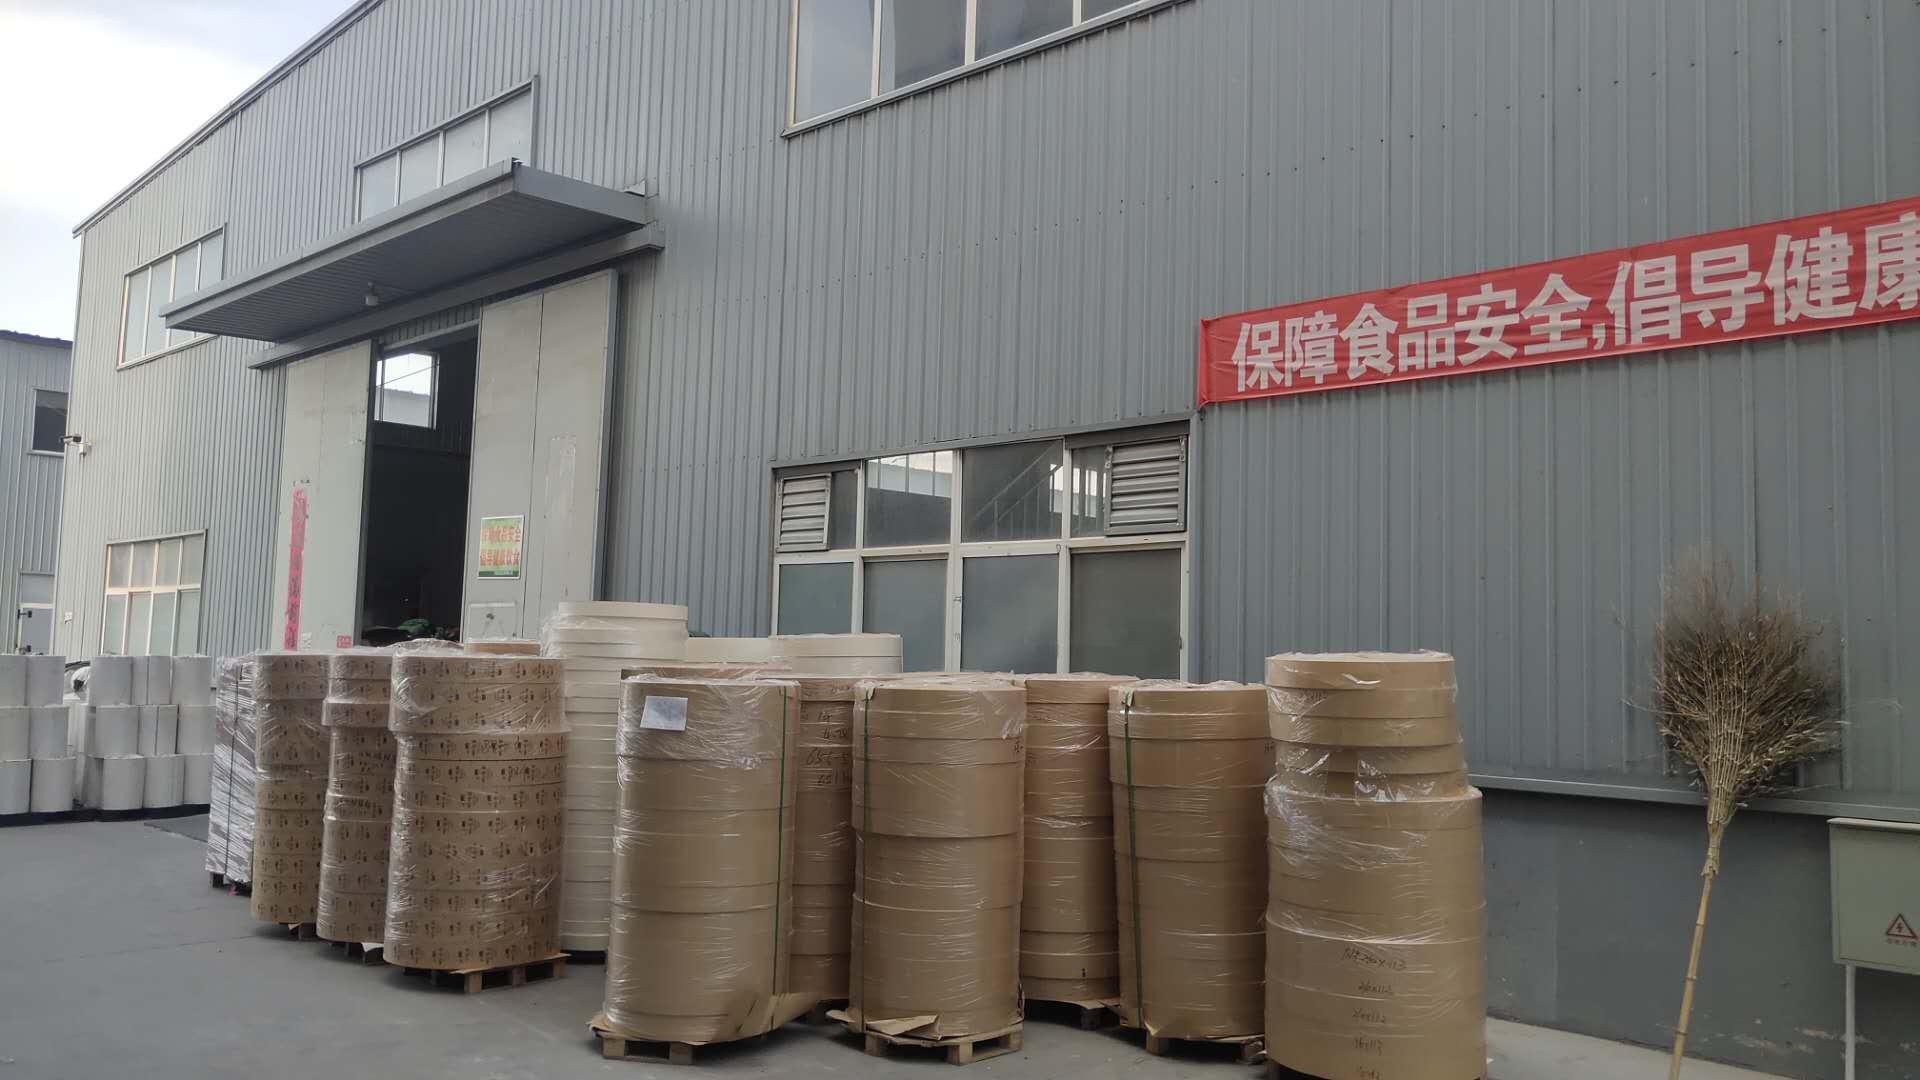 爱尚洁纸制品厂房展示